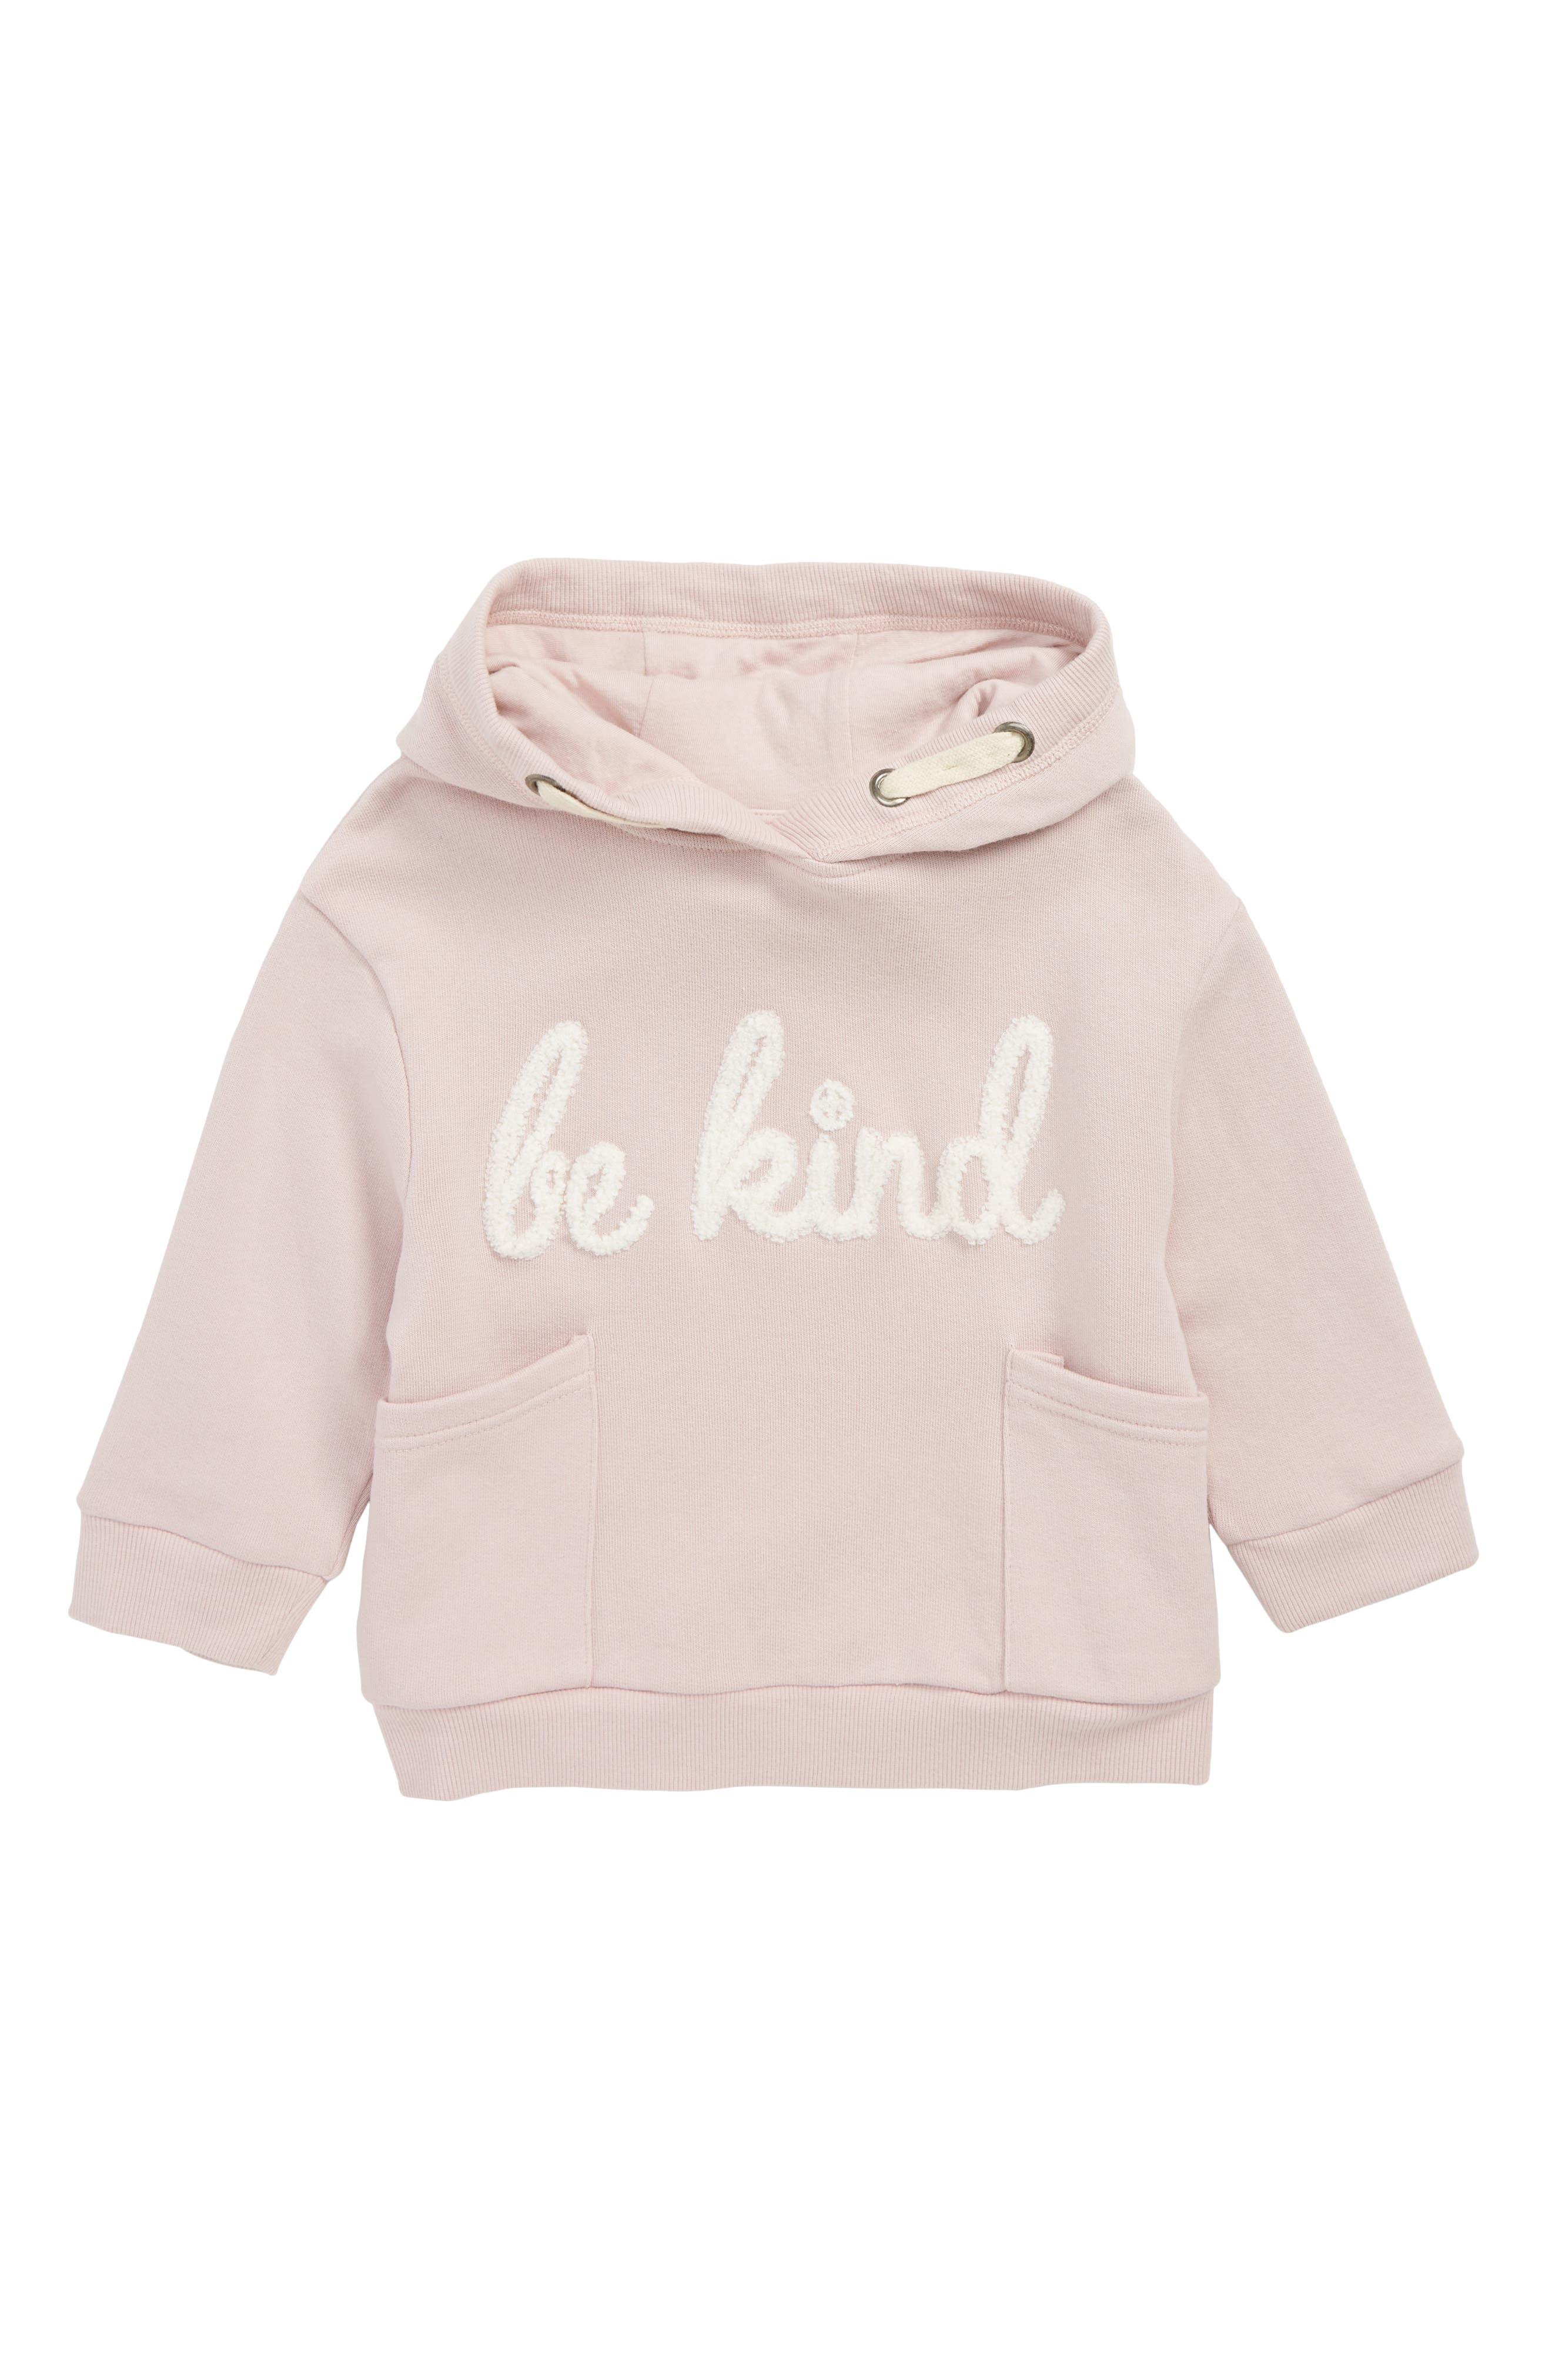 Be Kind Hoodie,                         Main,                         color, PALE PINK